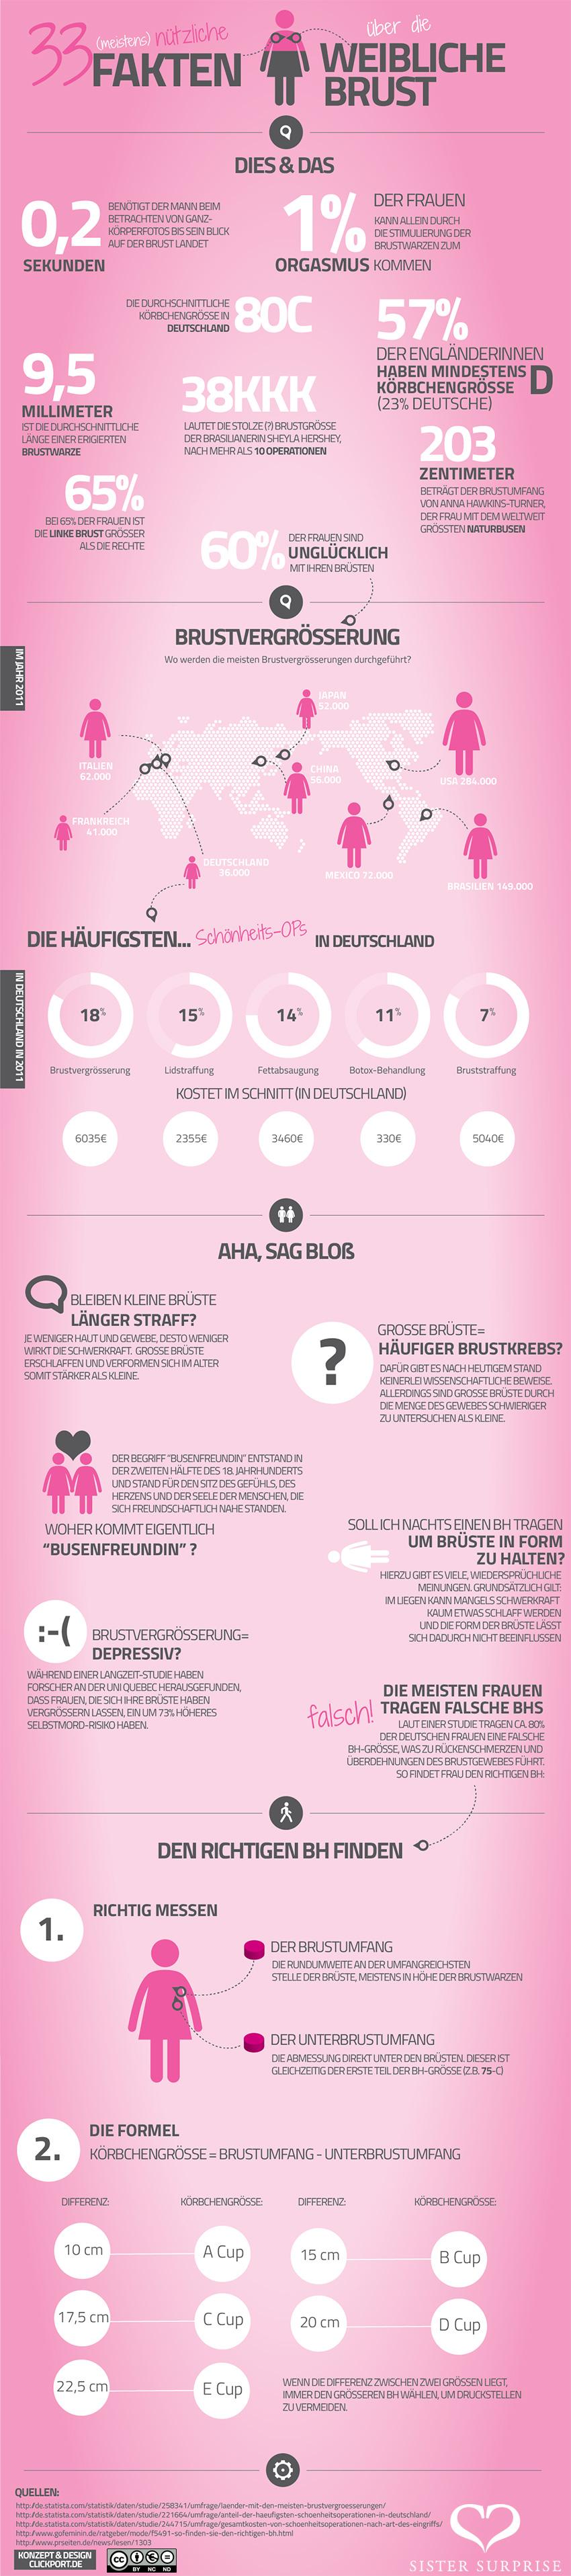 33 (meistens) nützliche Fakten über die weibliche Brust - Infografik